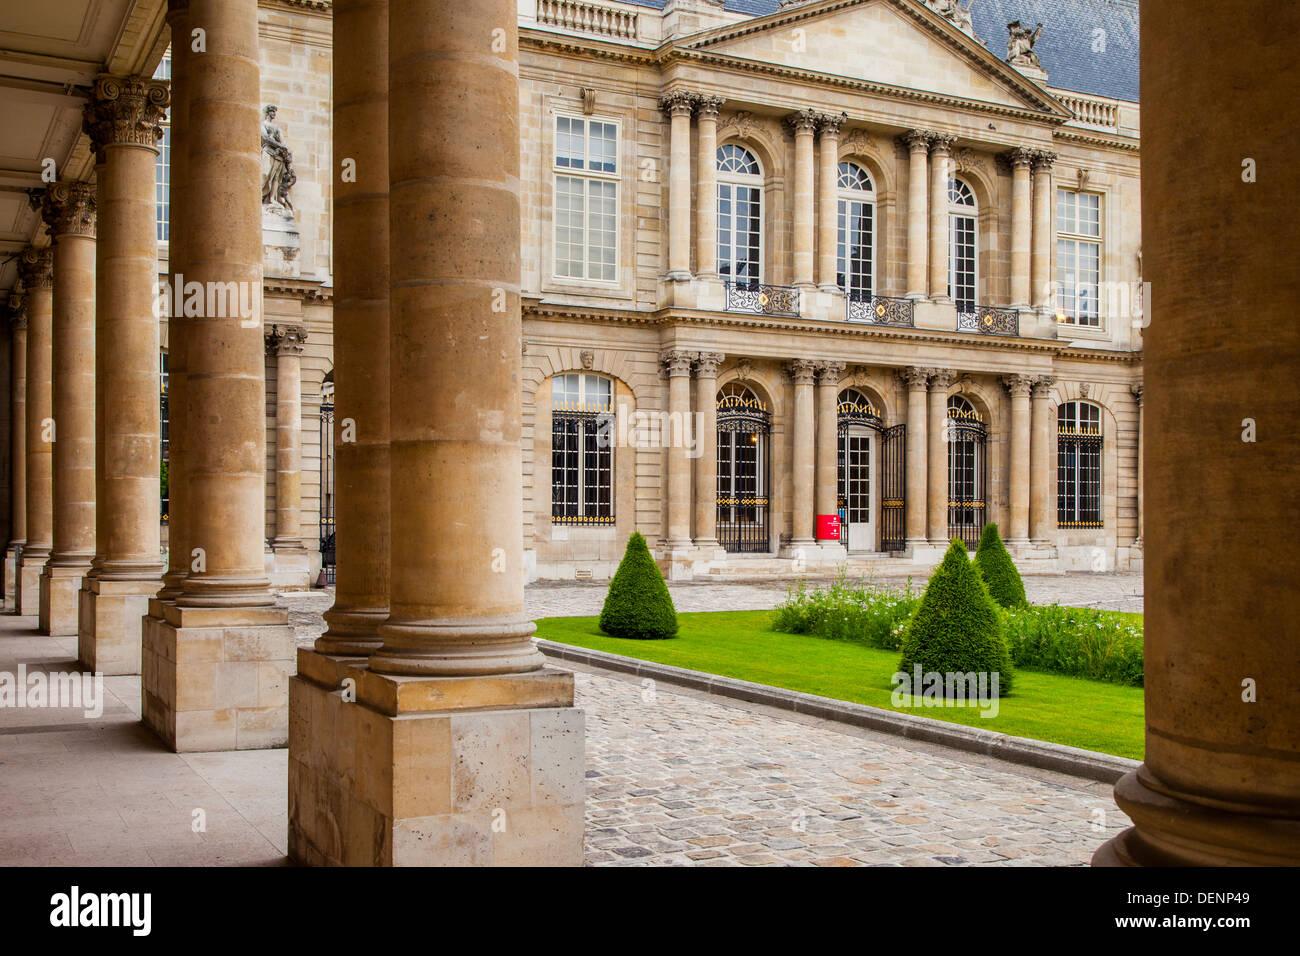 National Archives Museum - originally Hôtel de Soubise, Marais, Paris France - Stock Image